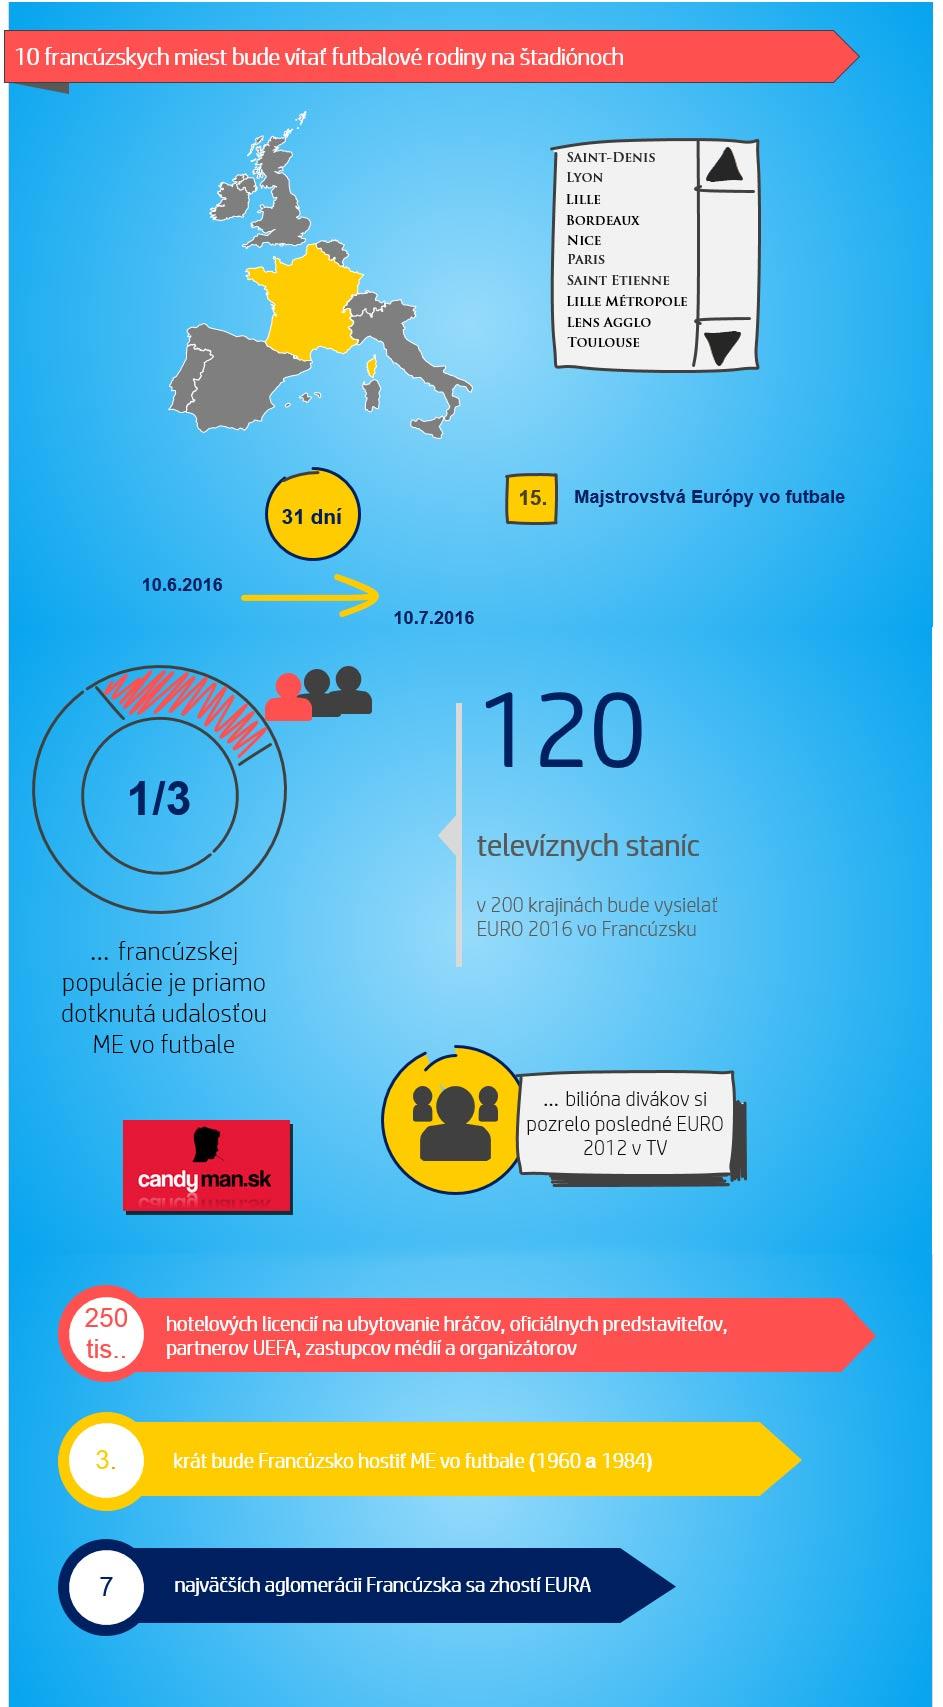 EURO-2016-infographic